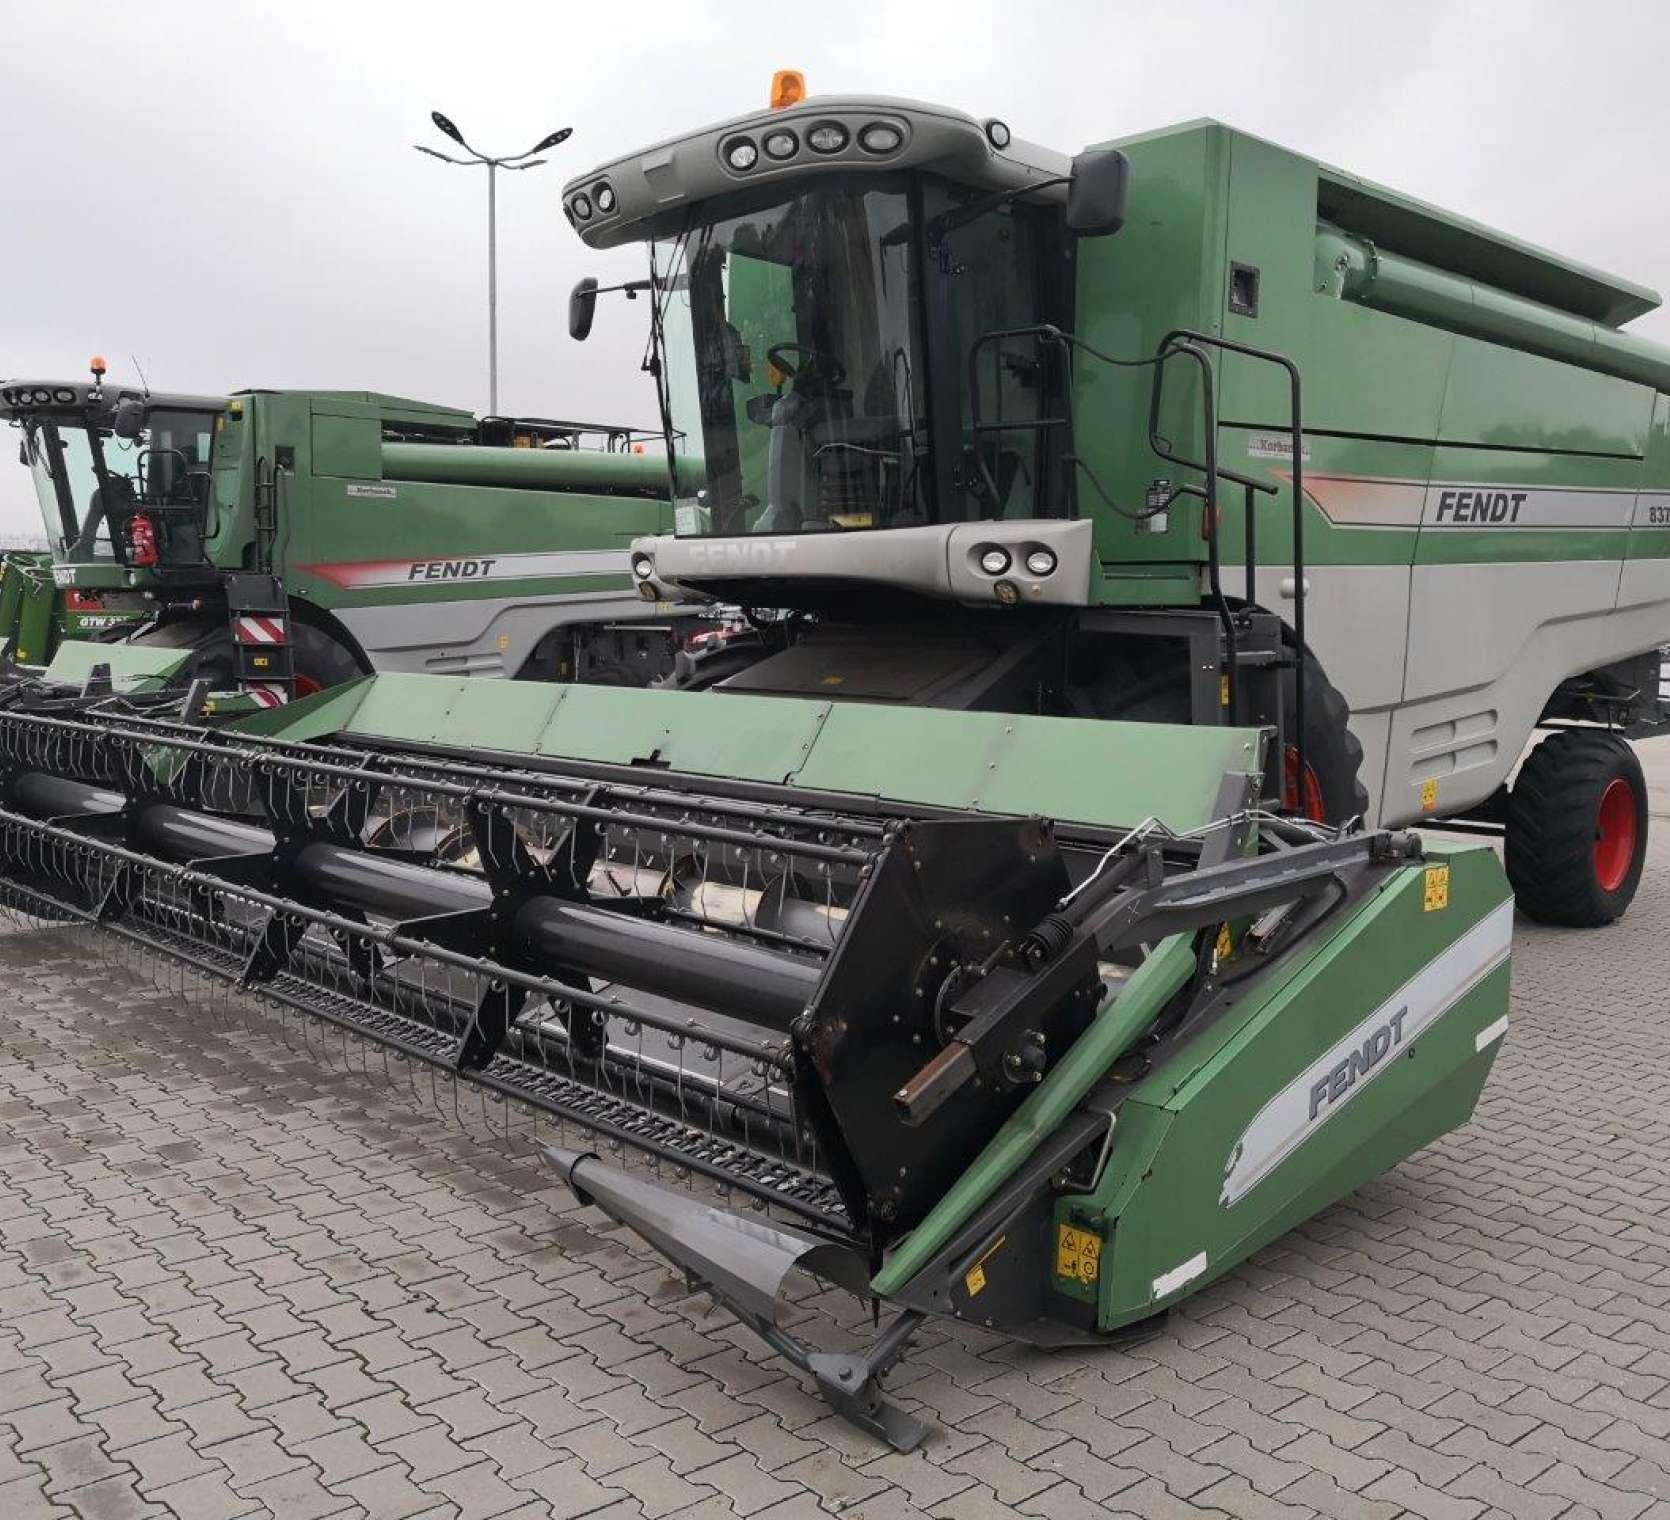 Używany kombajn Fendt 8370 P z hederem FT 770 PFz oferty www.korbanek.pl